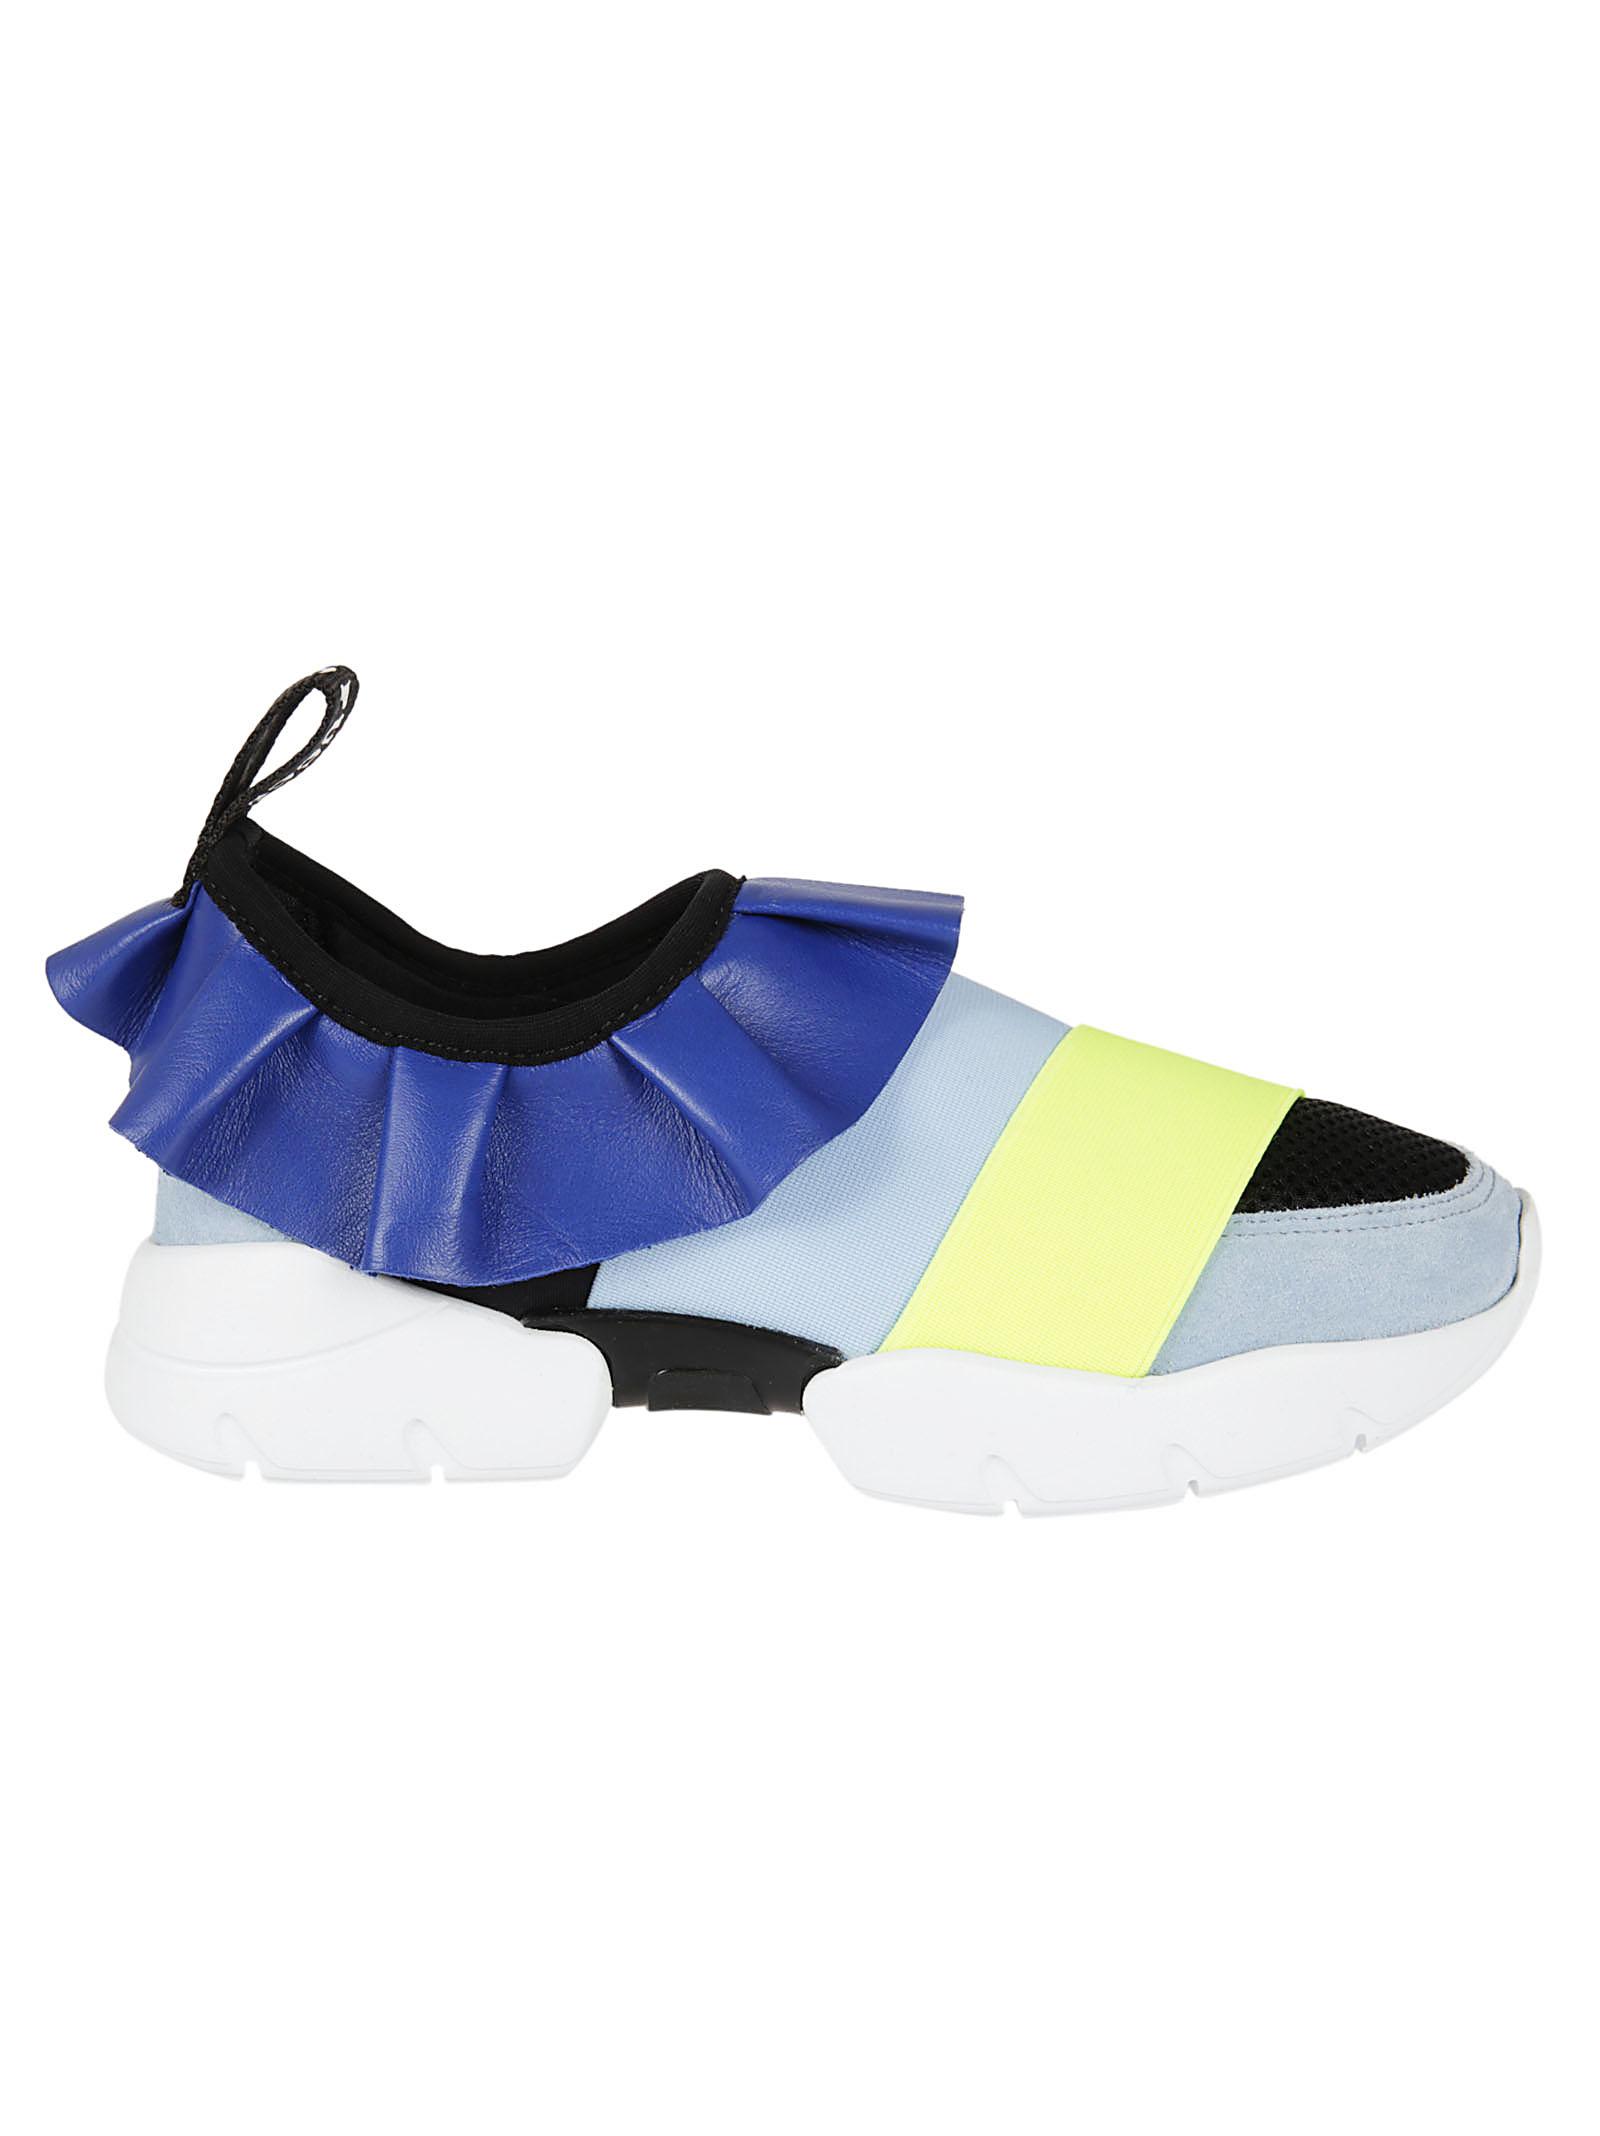 Emilio Pucci Emilio Pucci Frill Sneakers